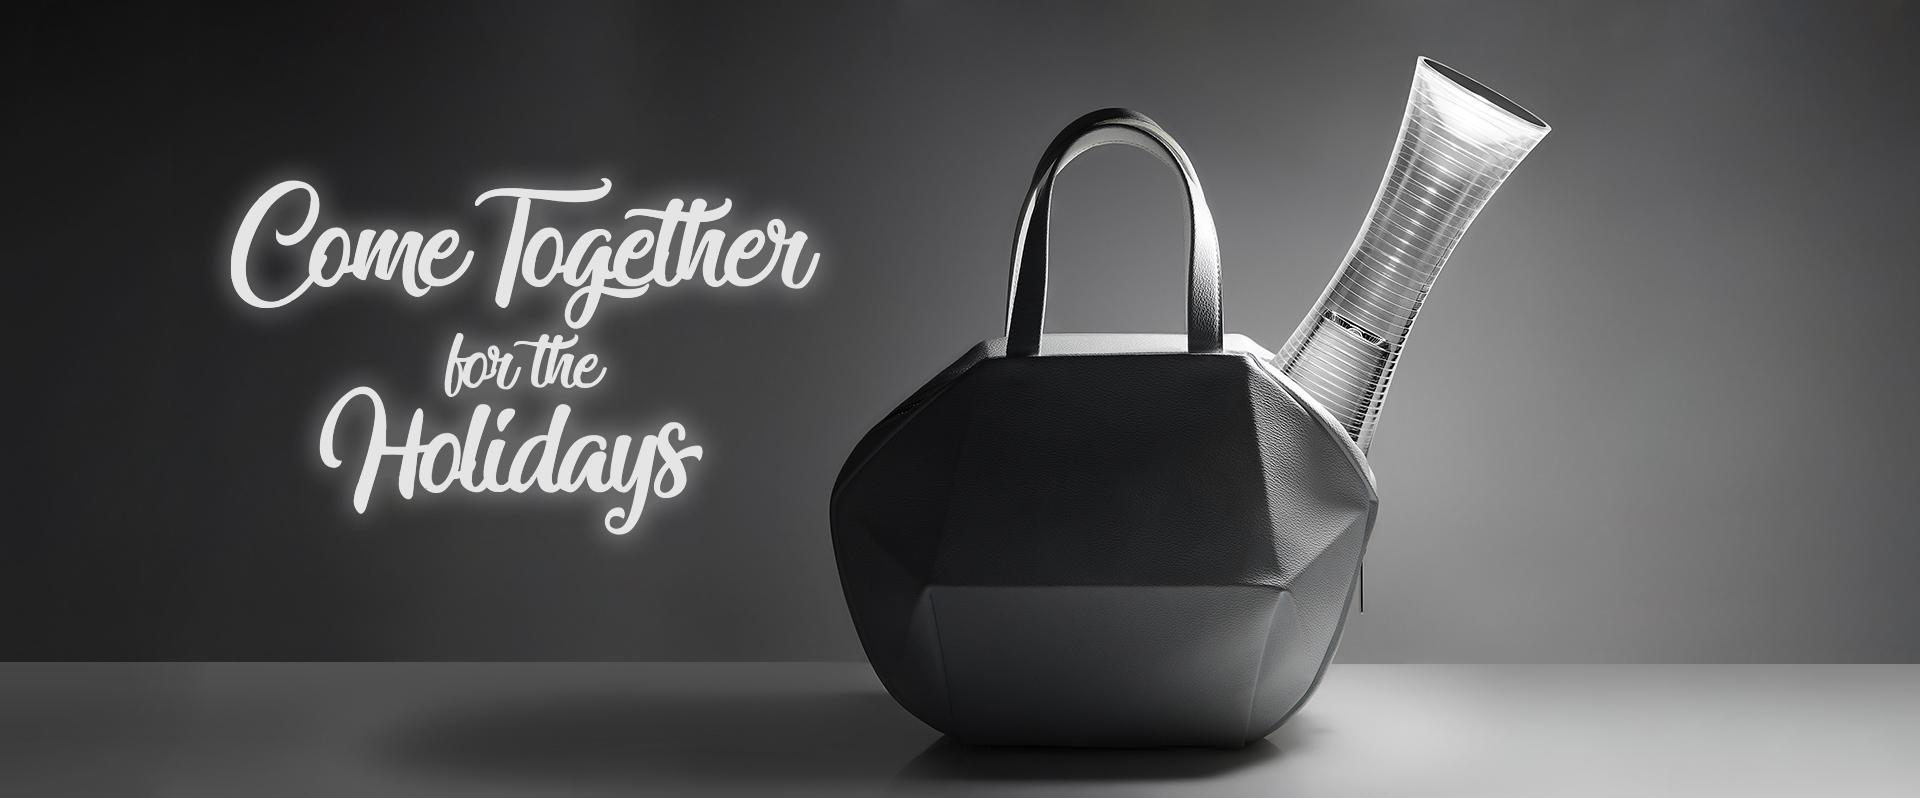 Artemide-Come-Together-Holidays-gift-Idea